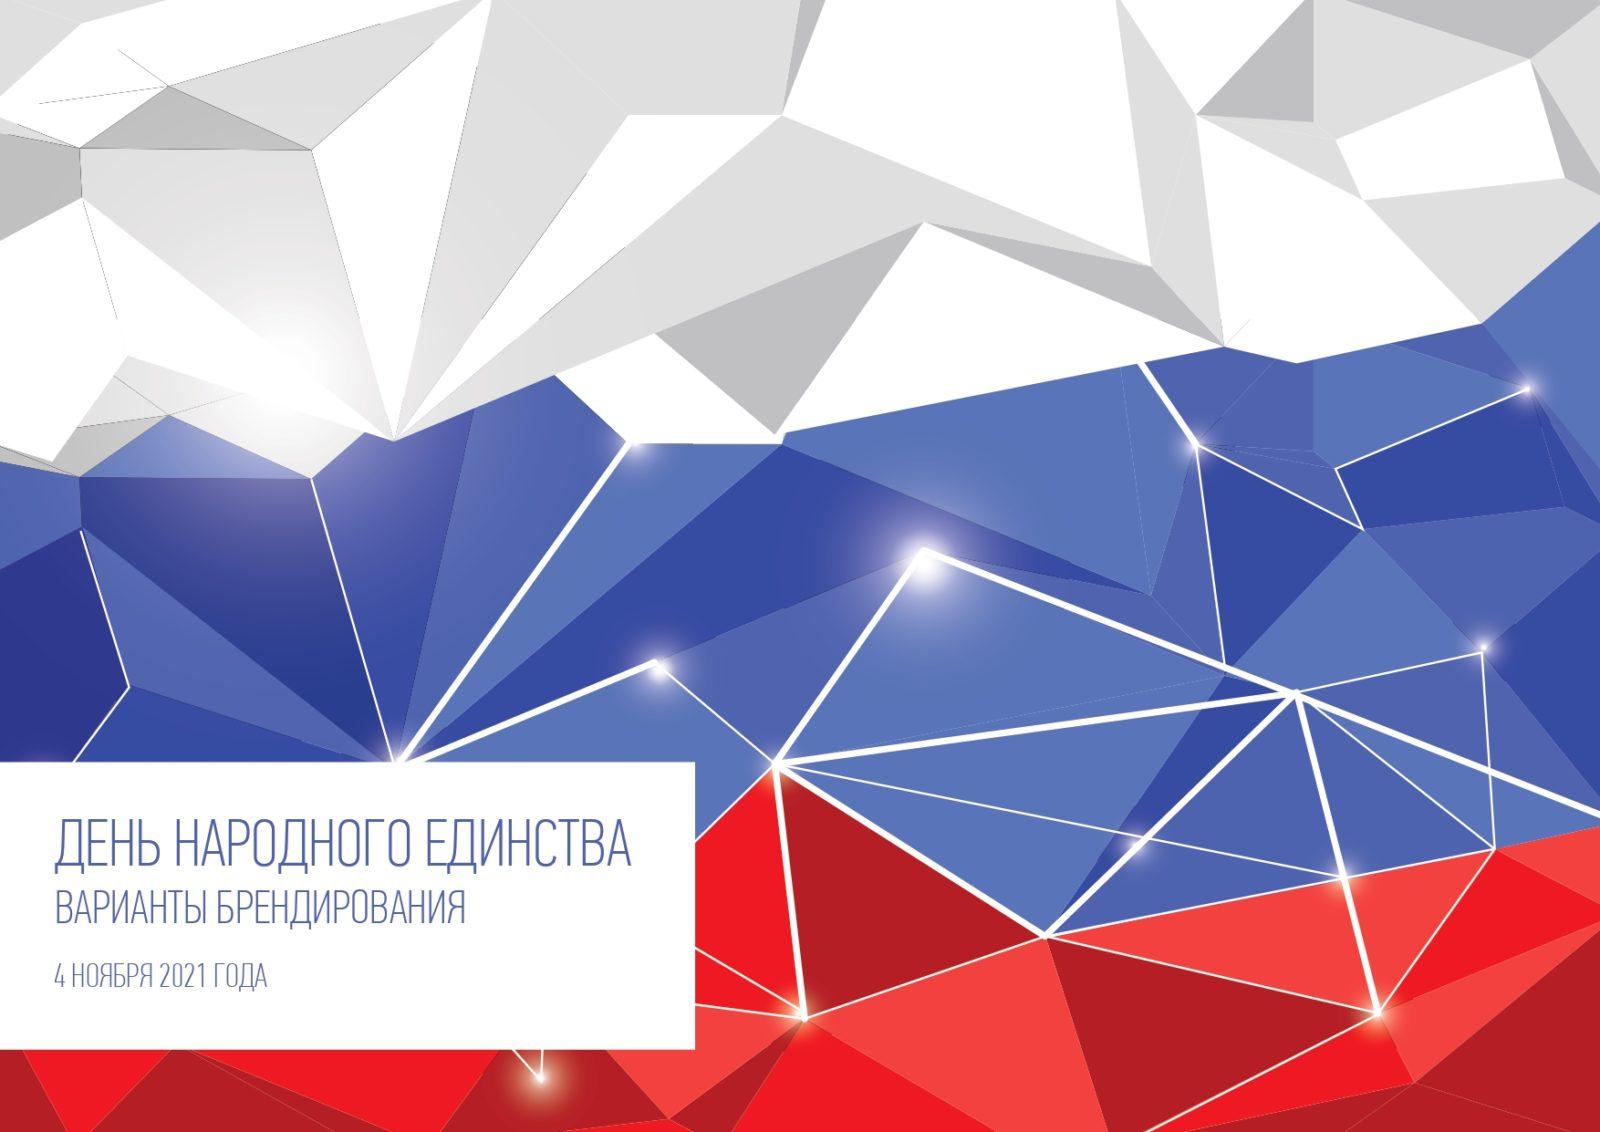 Об использовании брендбука (В рамках подготовки и проведения мероприятий, посвященных Дню народного единства — 2021)